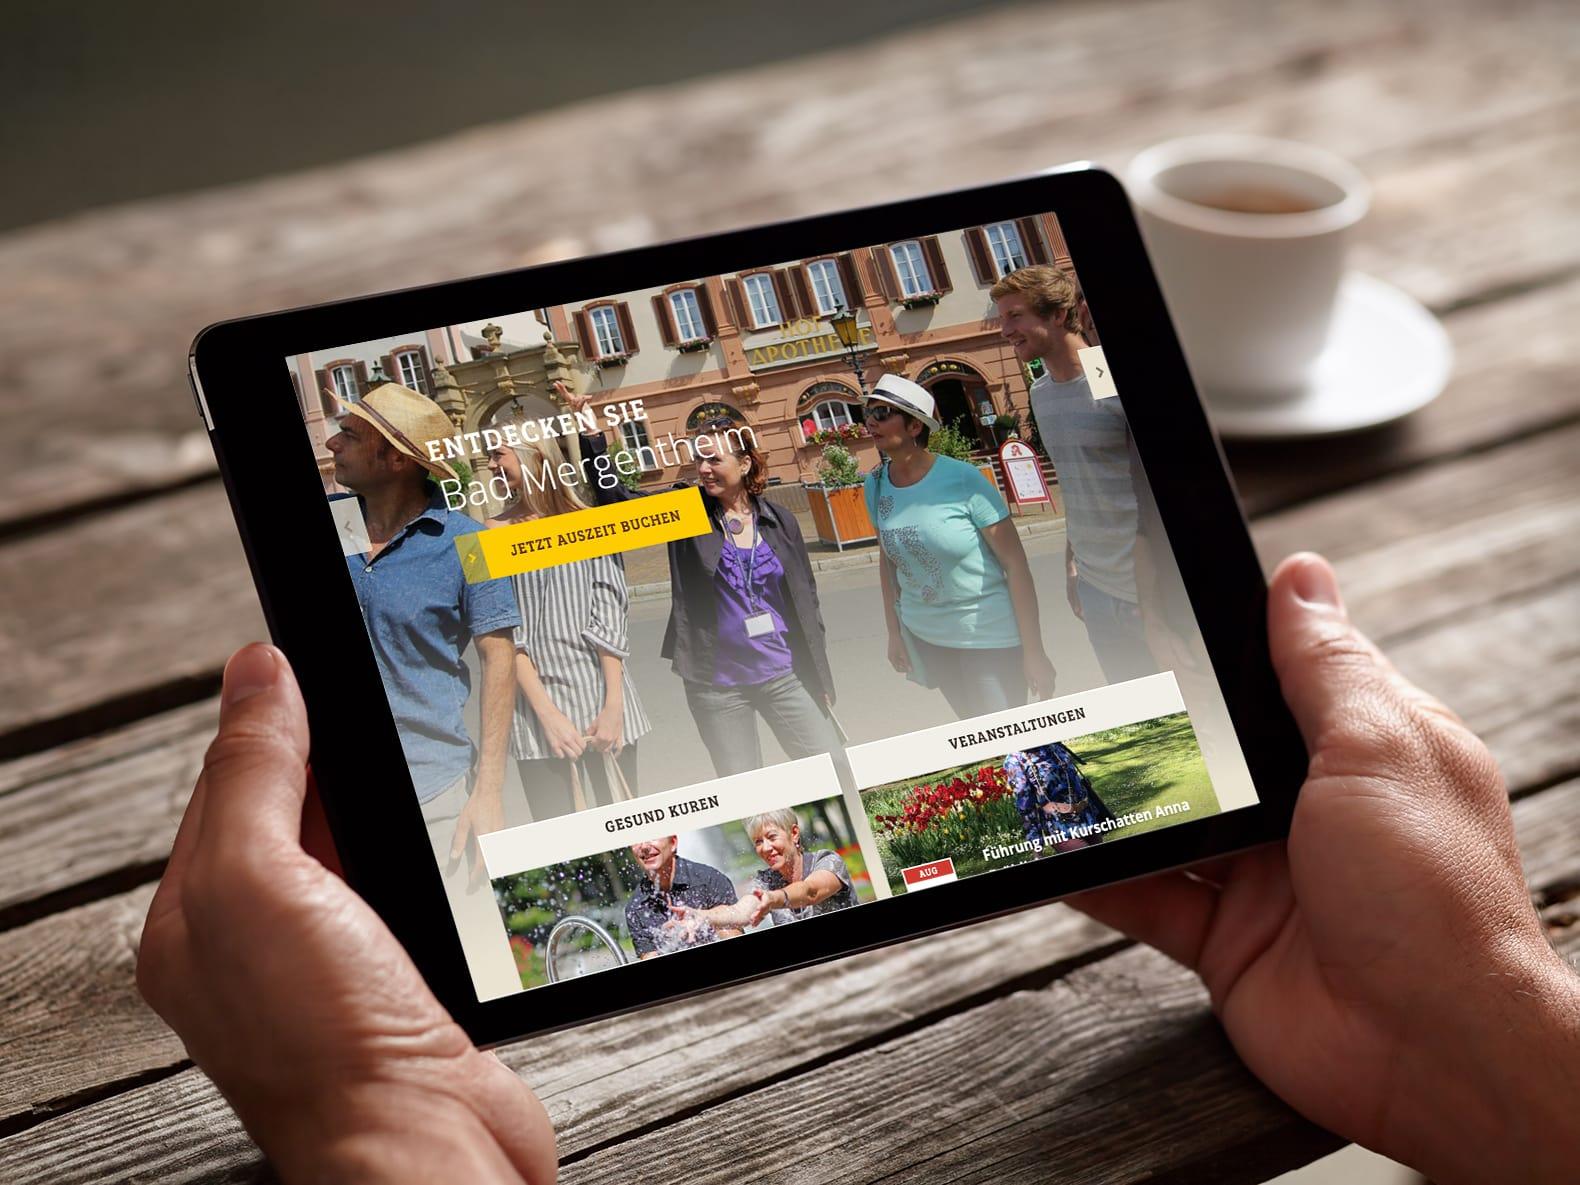 iPad mit geöffneter Website bad-mergentheim.de – Wie entstand die Website der Stadt Bad Mergentheim?